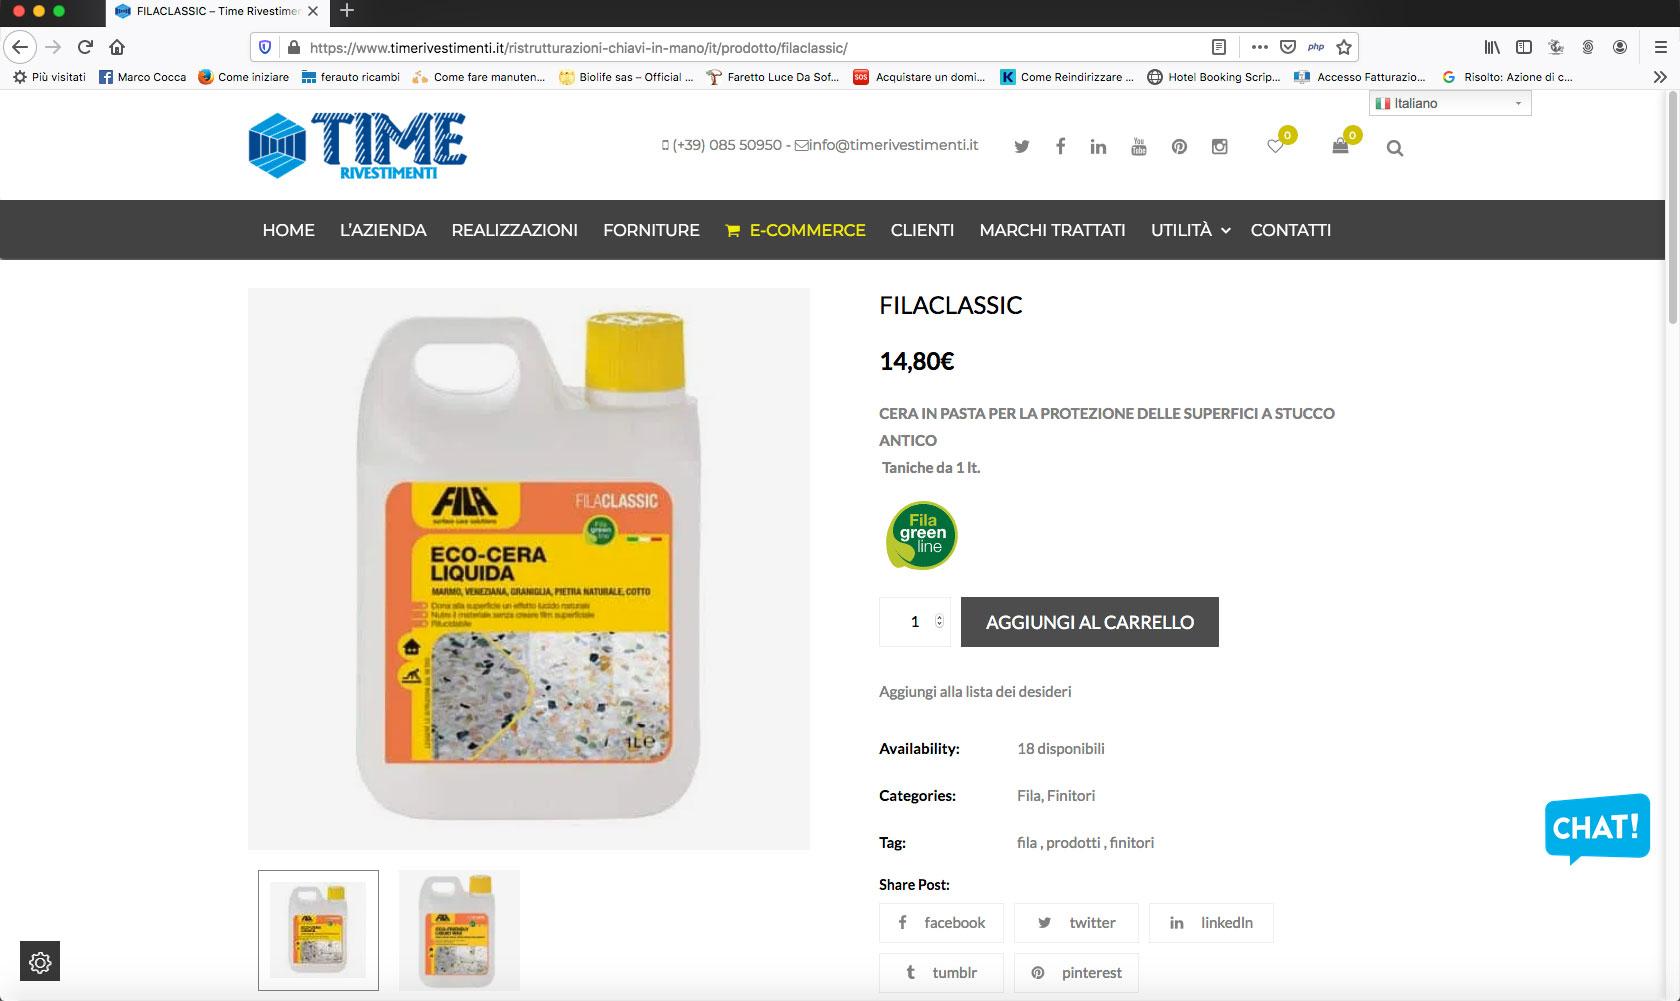 pagina time rivestimenti e-commerce